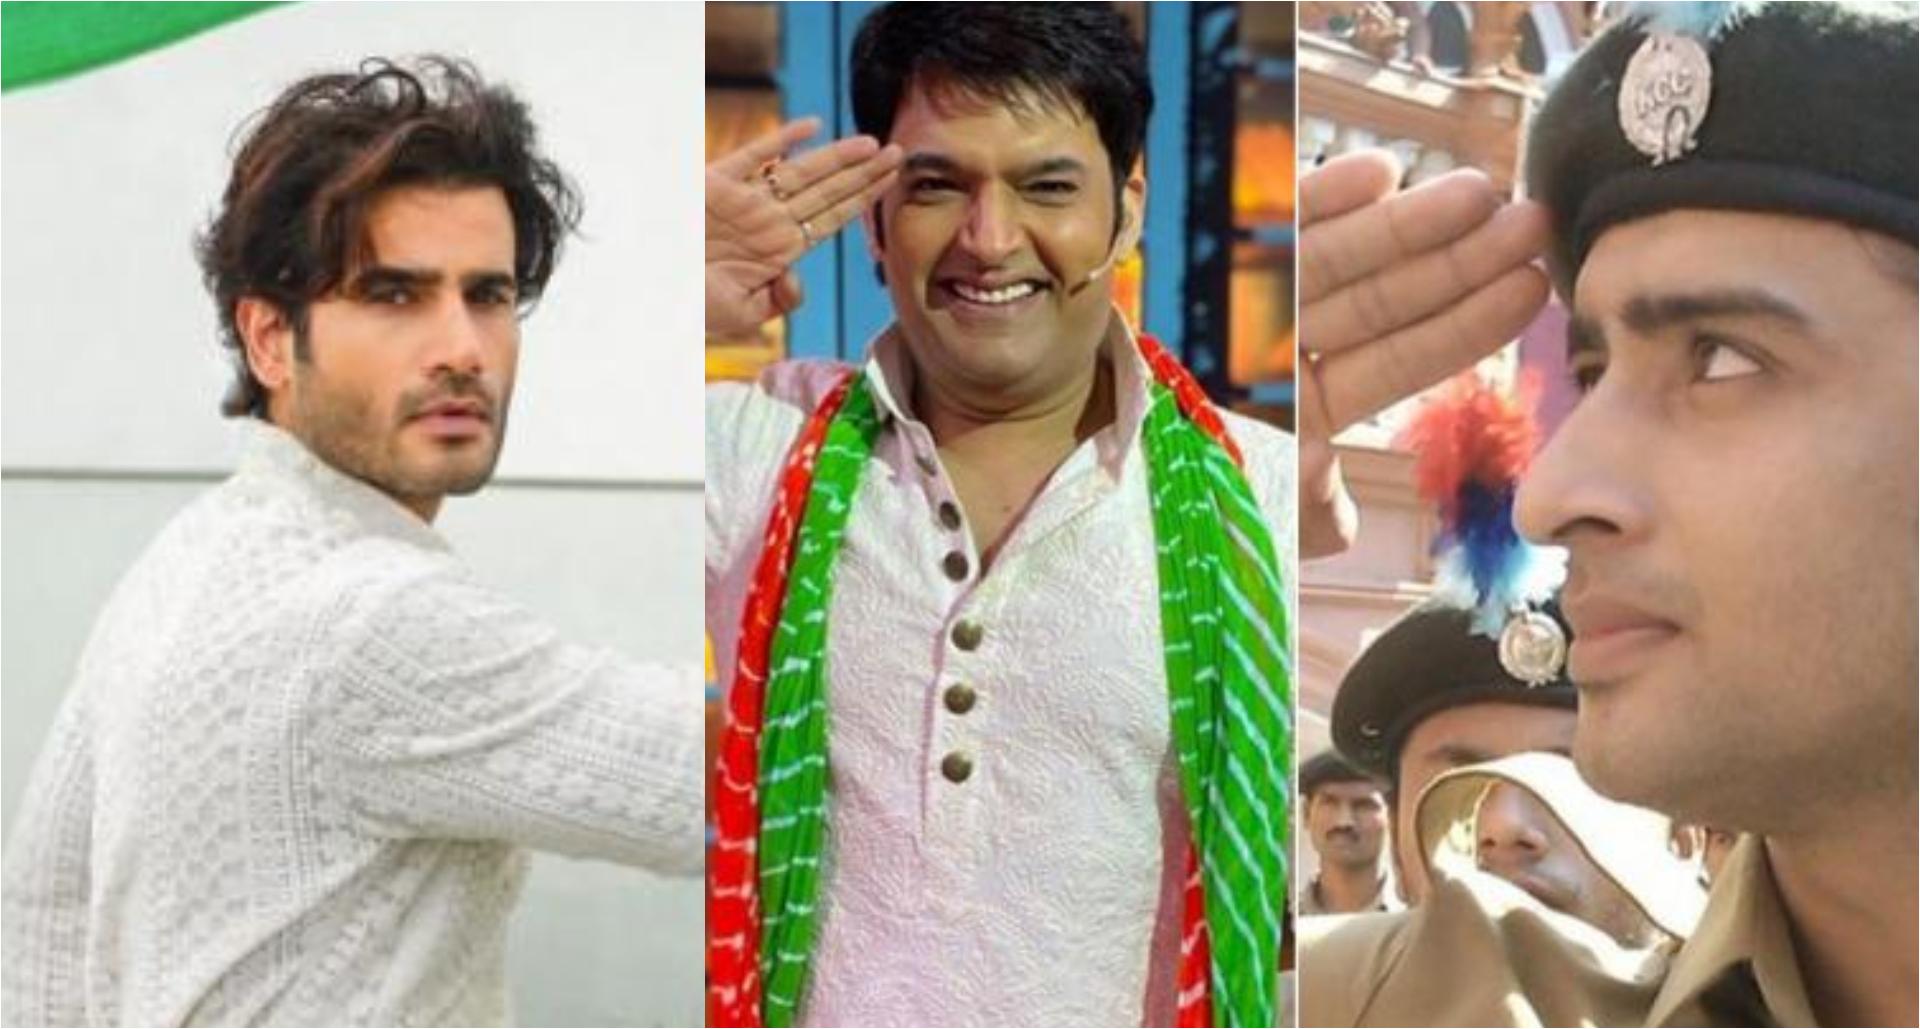 Independence Day 2020: शहीर शेख, कपिल शर्मा, करण टक्कर और अन्य सितारों ने दिखाई अपनी देशभक्ति!